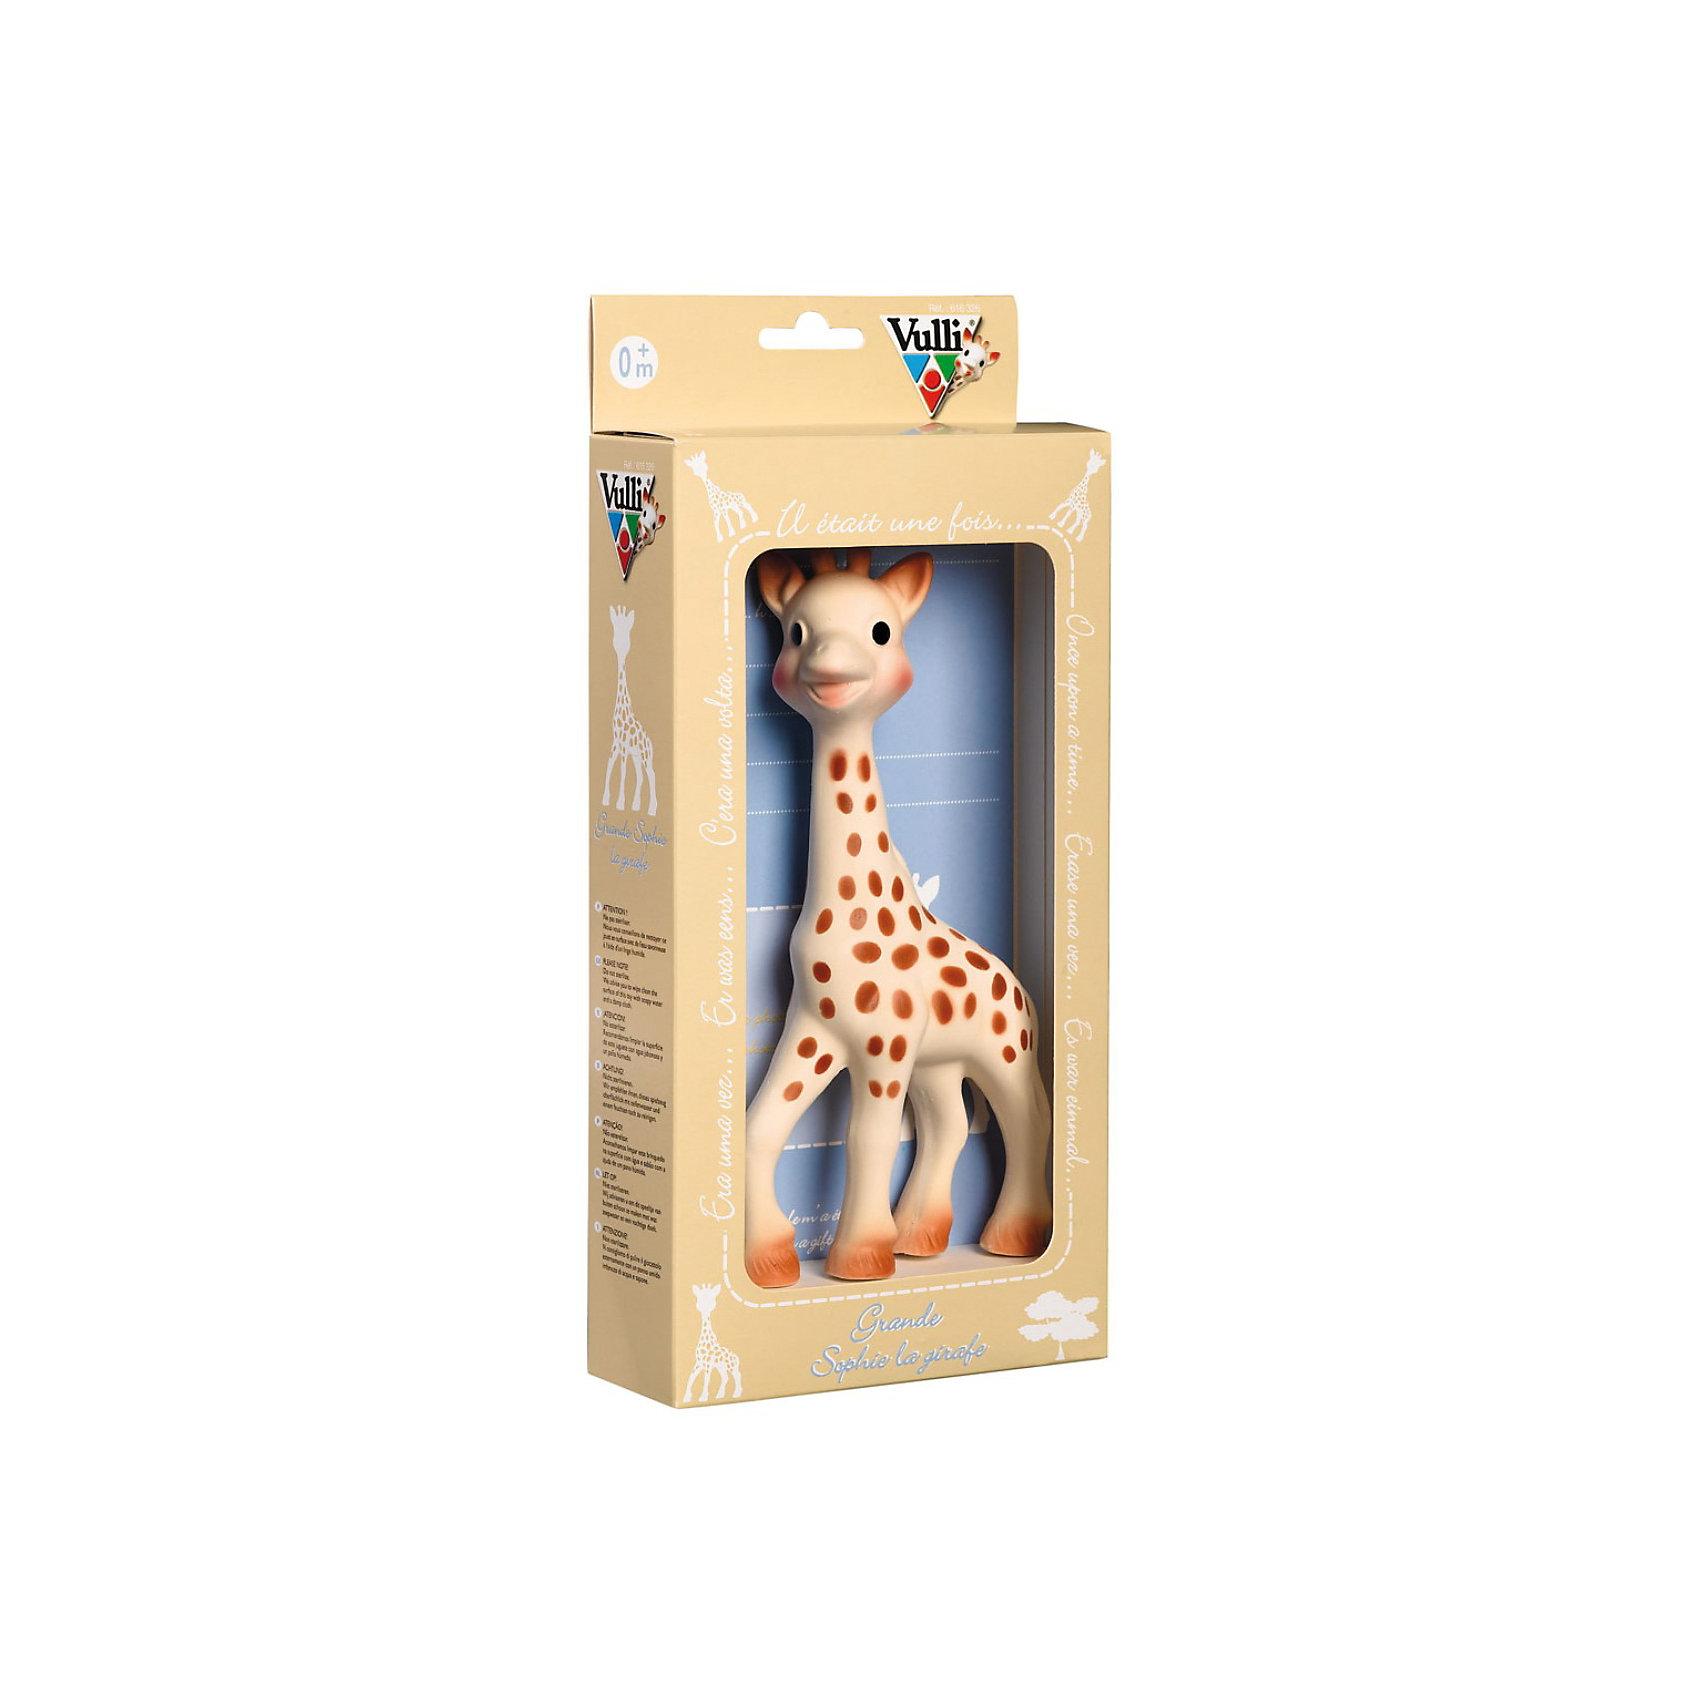 Жирафик Софи Vulli, 21 смПрорезыватели<br>Жирафик Софи Vulli (Вулли) - уникальная развивающая игрушка взаимодействует со всеми органами чувств малыша!<br><br>Обладает всеми теми же свойствами, что и стандартный Жирафик Софи (18 см.). Большой Жирафик (21 см) прекрасно подходит как для самых маленьких, так и для детей более старшего возраста. <br><br>Большой Жирафик Софи обязательно понравится вашему ребенку и станет прекрасным дополнением к стандартному Жирафику Софи!<br><br>Дополнительная информация:<br>- Материал: 100% натуральный каучук. <br>- Размер упаковки (д/ш/в): 40 х 31 х 30 см. <br>- Высота игрушки: 21 см.<br><br>Ширина мм: 400<br>Глубина мм: 310<br>Высота мм: 300<br>Вес г: 315<br>Возраст от месяцев: 0<br>Возраст до месяцев: 18<br>Пол: Унисекс<br>Возраст: Детский<br>SKU: 2327606